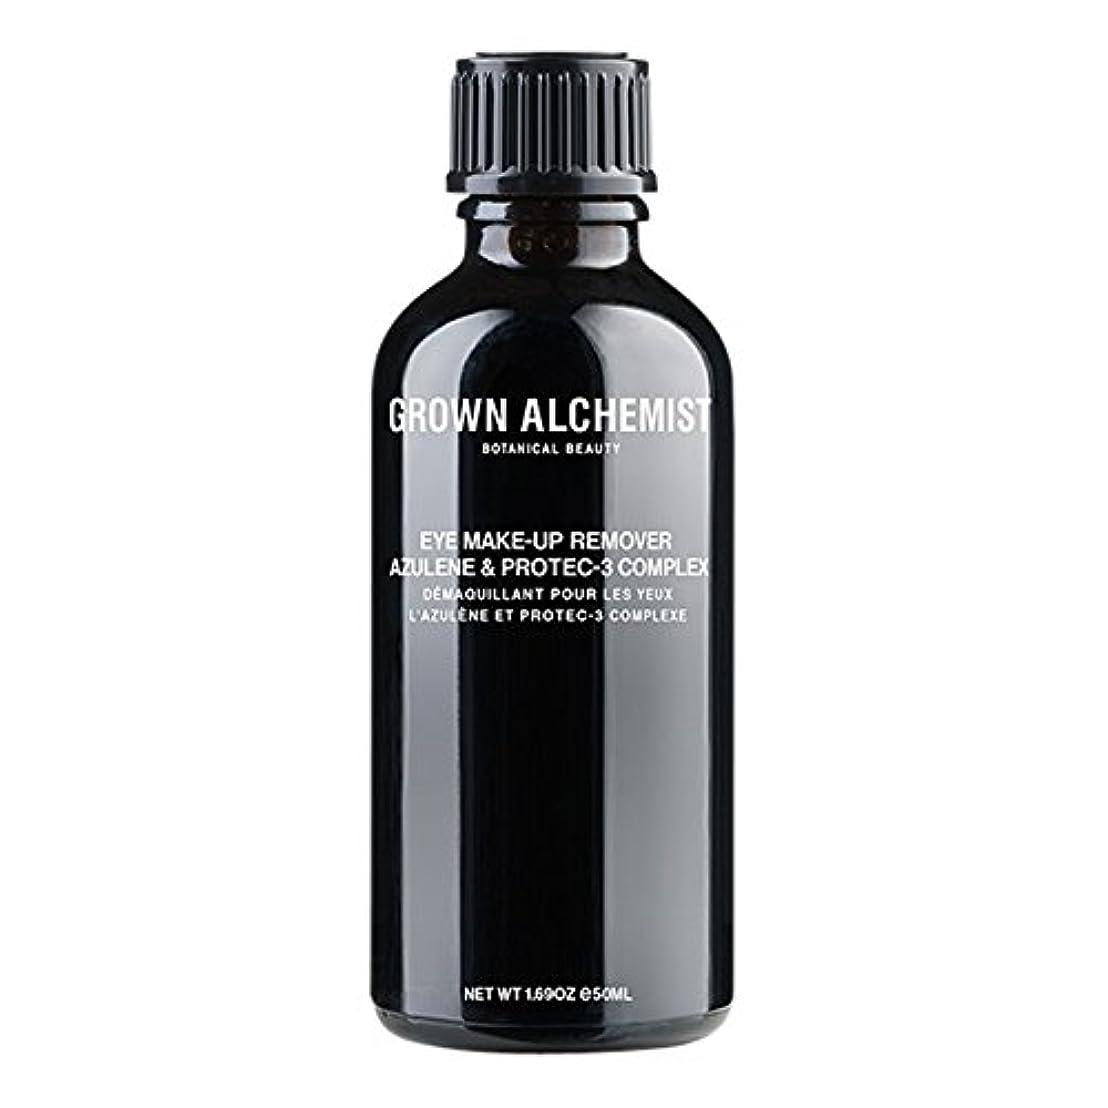 パケット中にスポンサー成長した錬金術師アズレン&Protec-3アイメイクアップリムーバーの50ミリリットル (Grown Alchemist) (x2) - Grown Alchemist Azulene & Protec-3 Eye-Makeup...